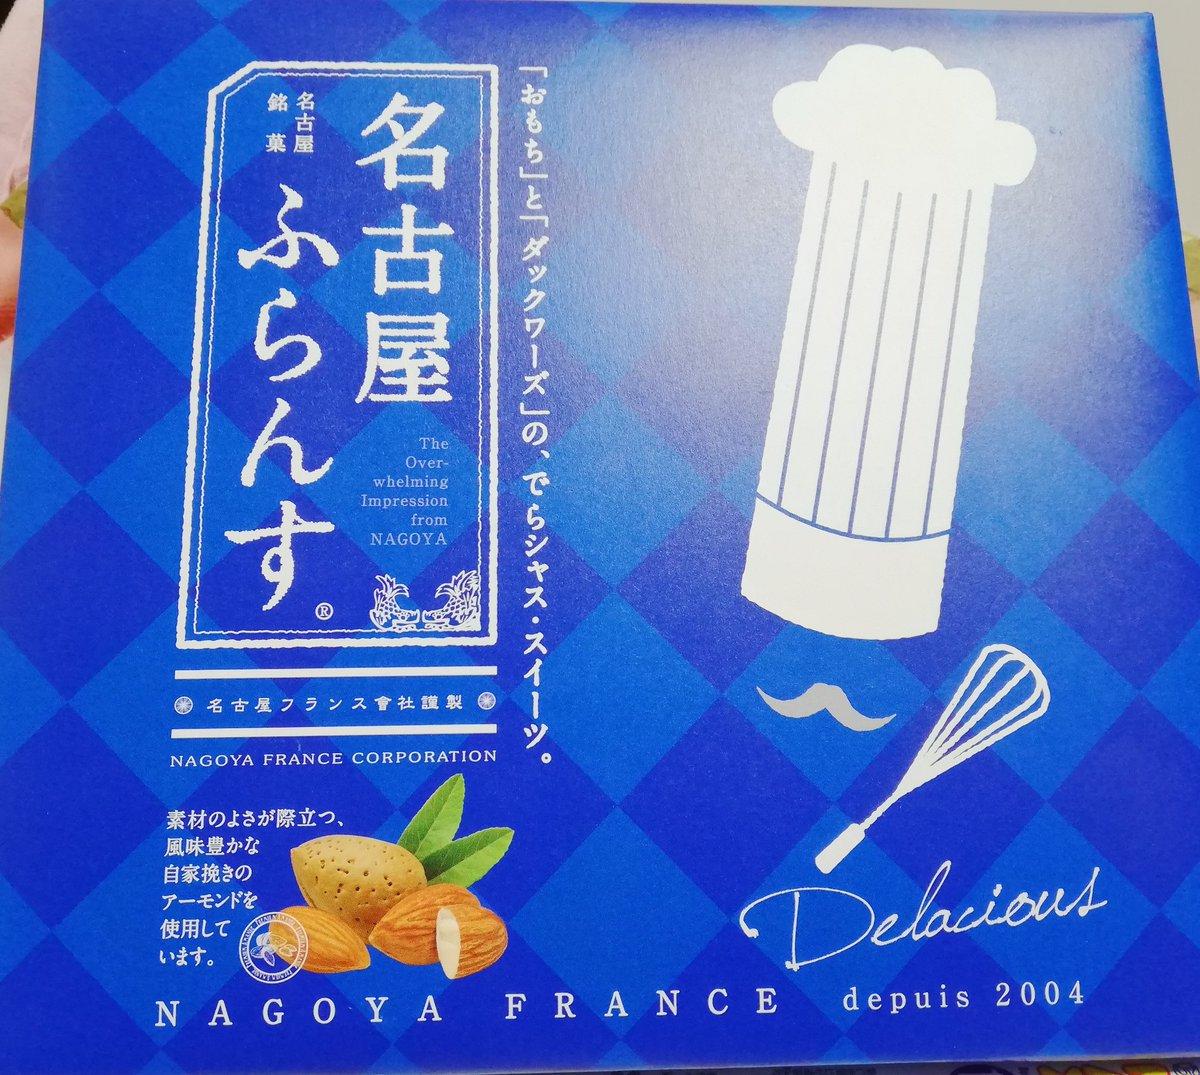 test ツイッターメディア - 名古屋ふらんす❗  おっしゃれぇぇ💕💗💕 (* ∂ω∂*`)  ダックワーズとかいうフランスの焼き菓子にクリームとお餅をぶち込んだ、名古屋的発想のお菓子です😆 https://t.co/IofQxsCtmT